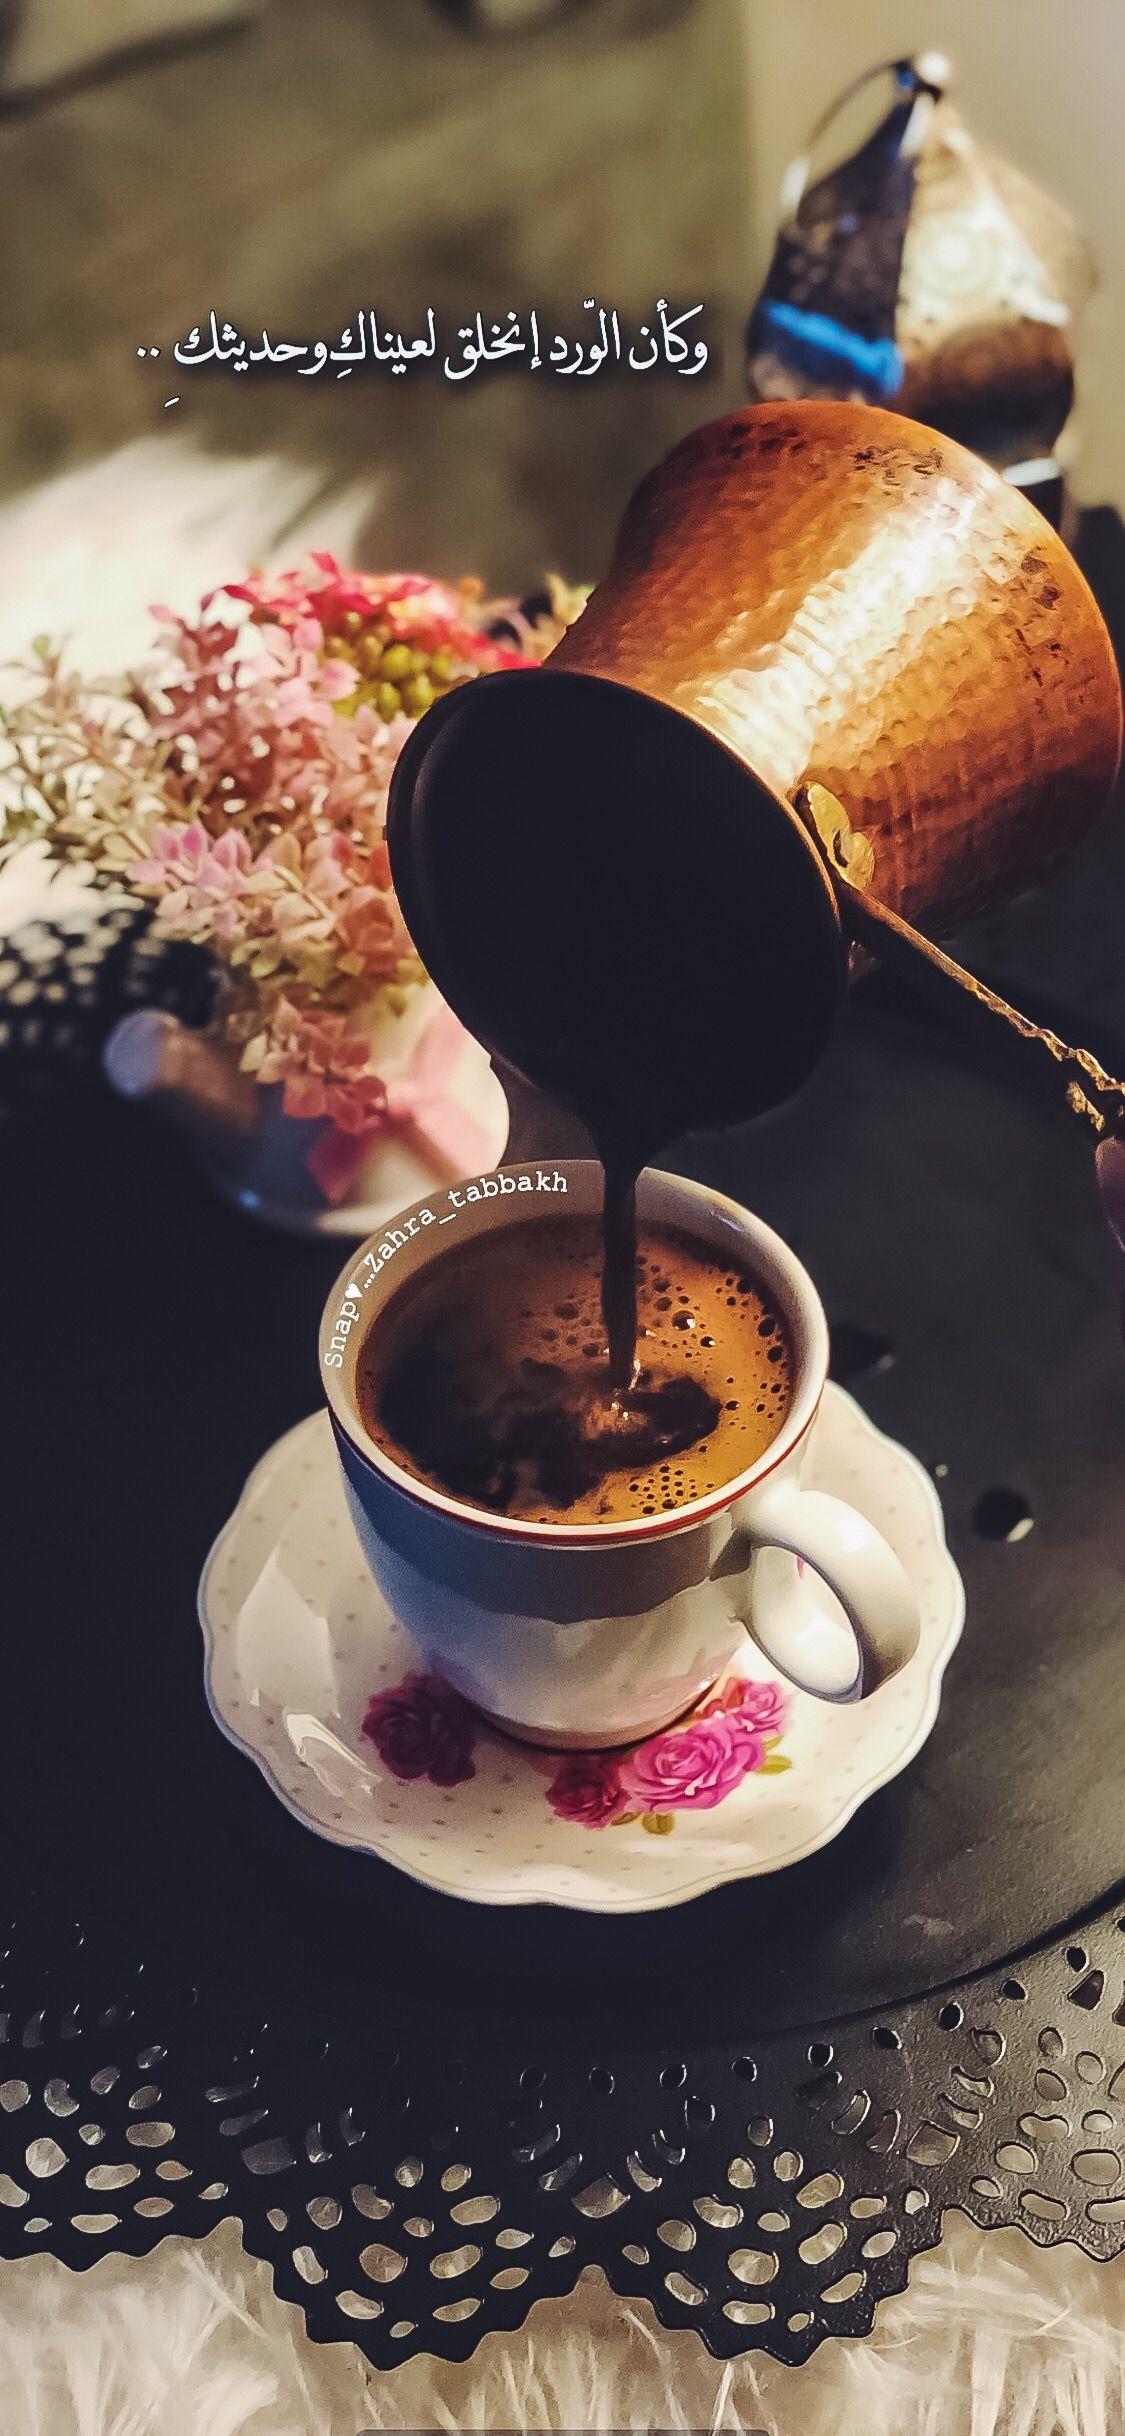 و كأن الورد إنخلق لعيناك و حديثك Coffee Coffee Tea Food